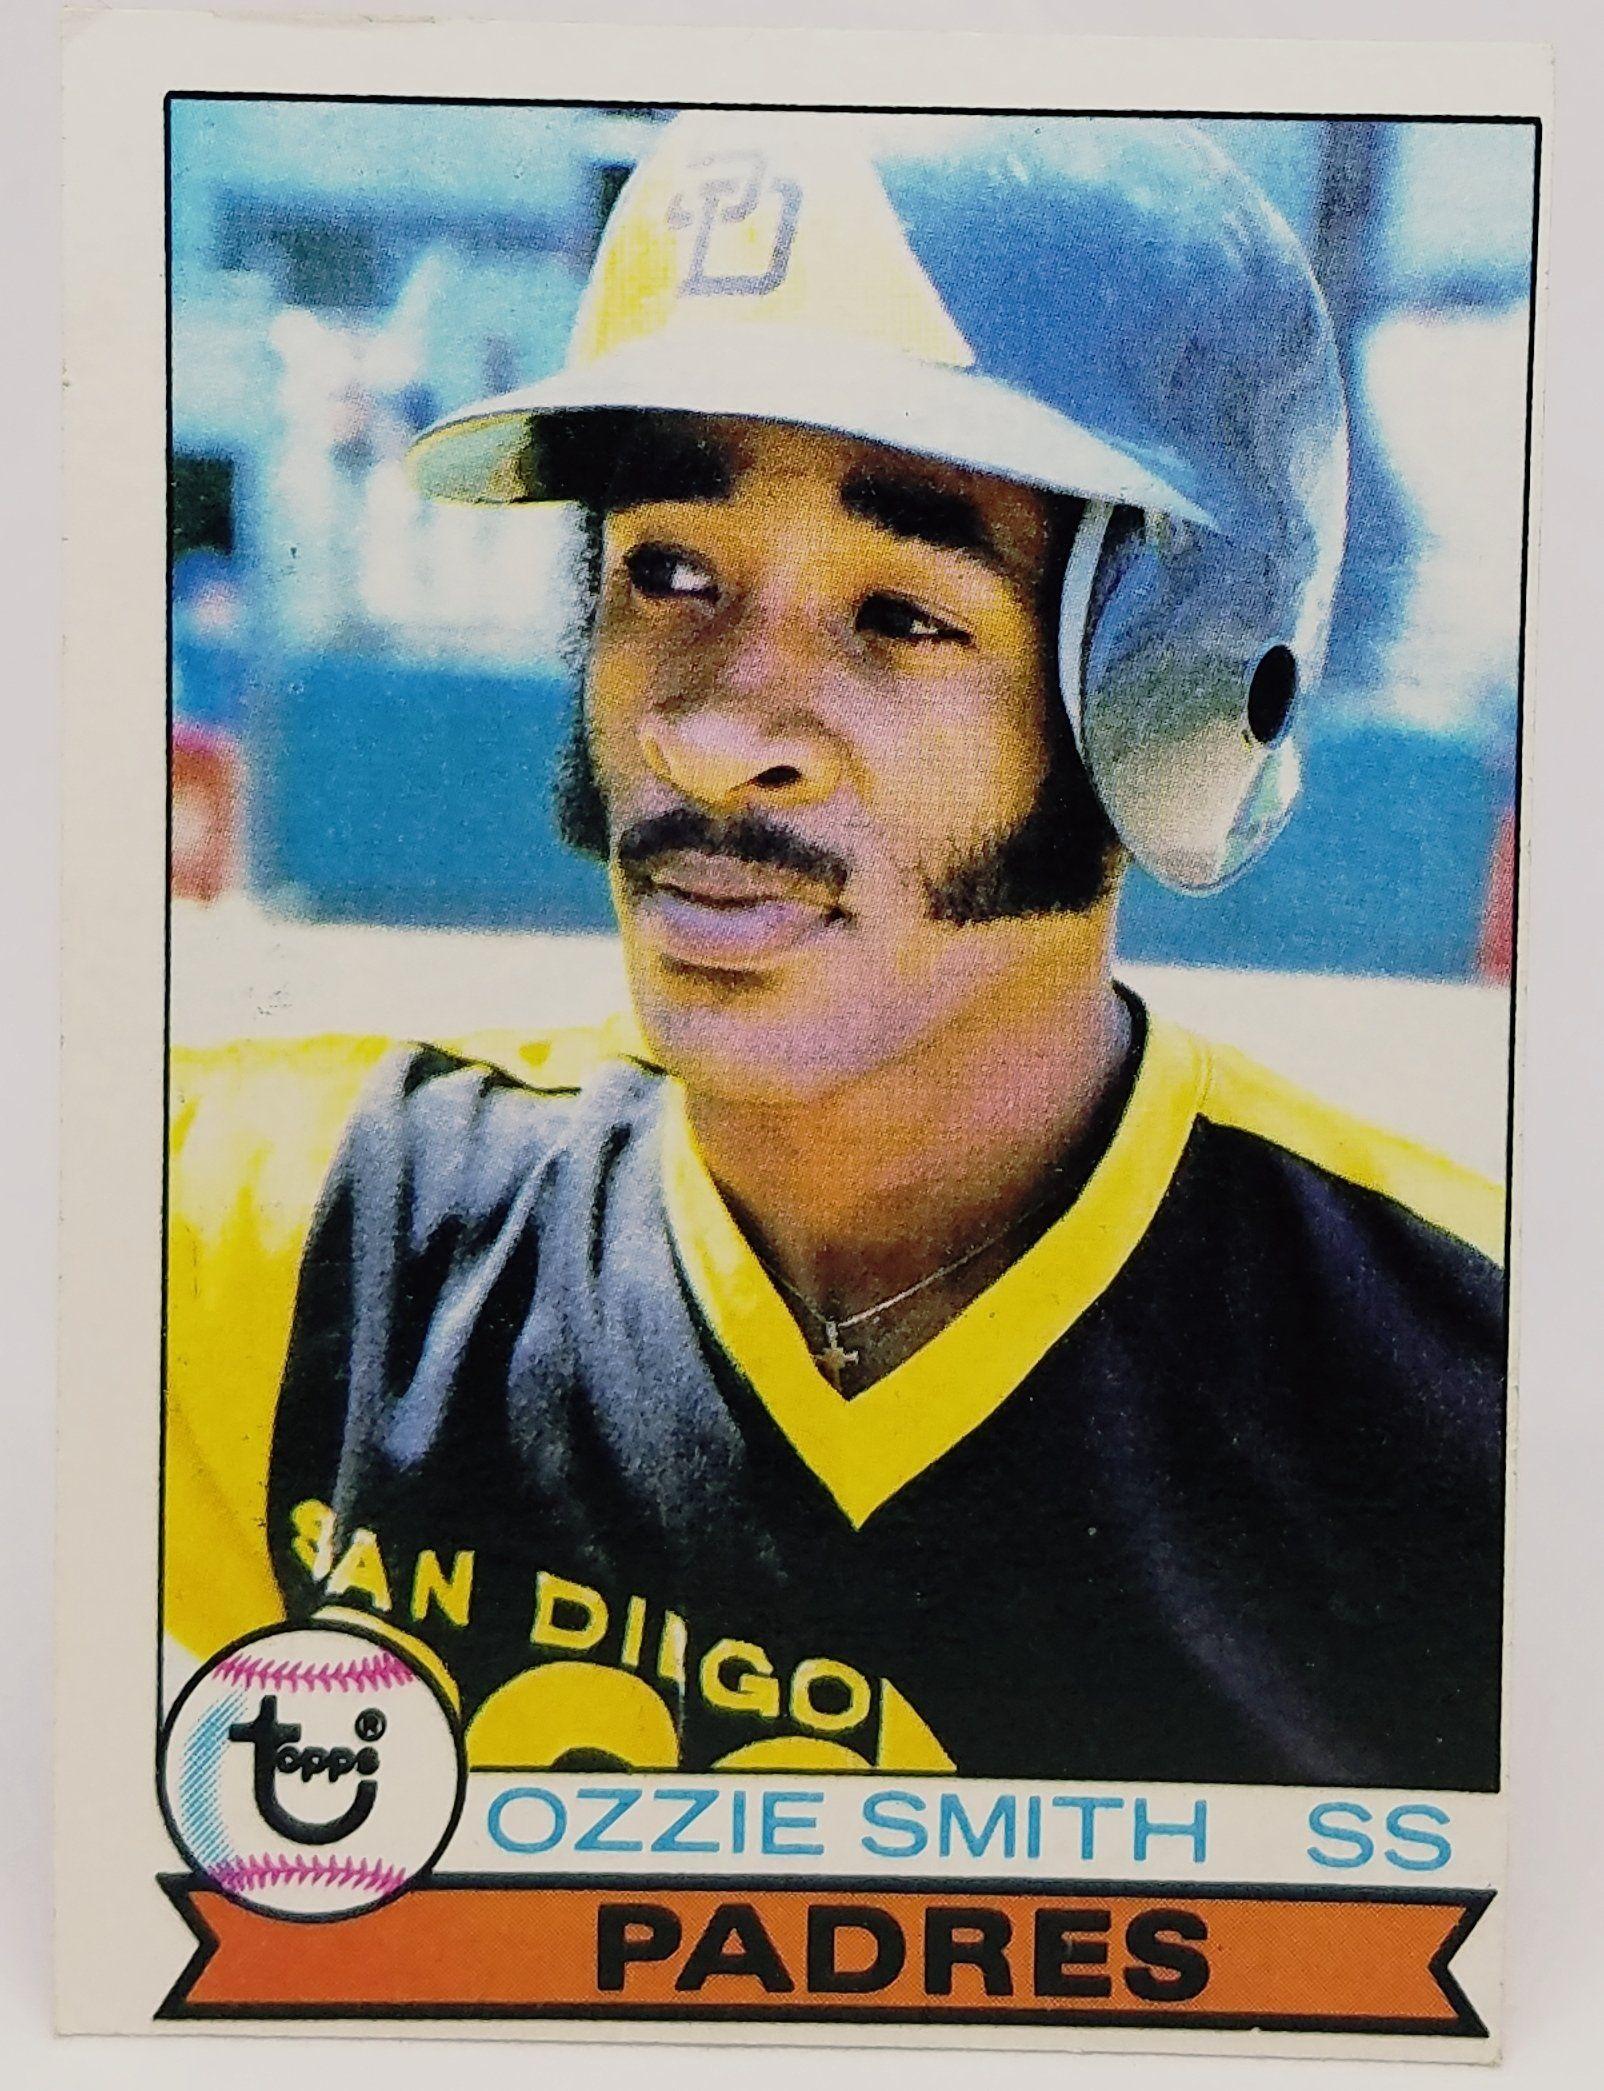 1979 topps 116 ozzie smith rookie card set break hof